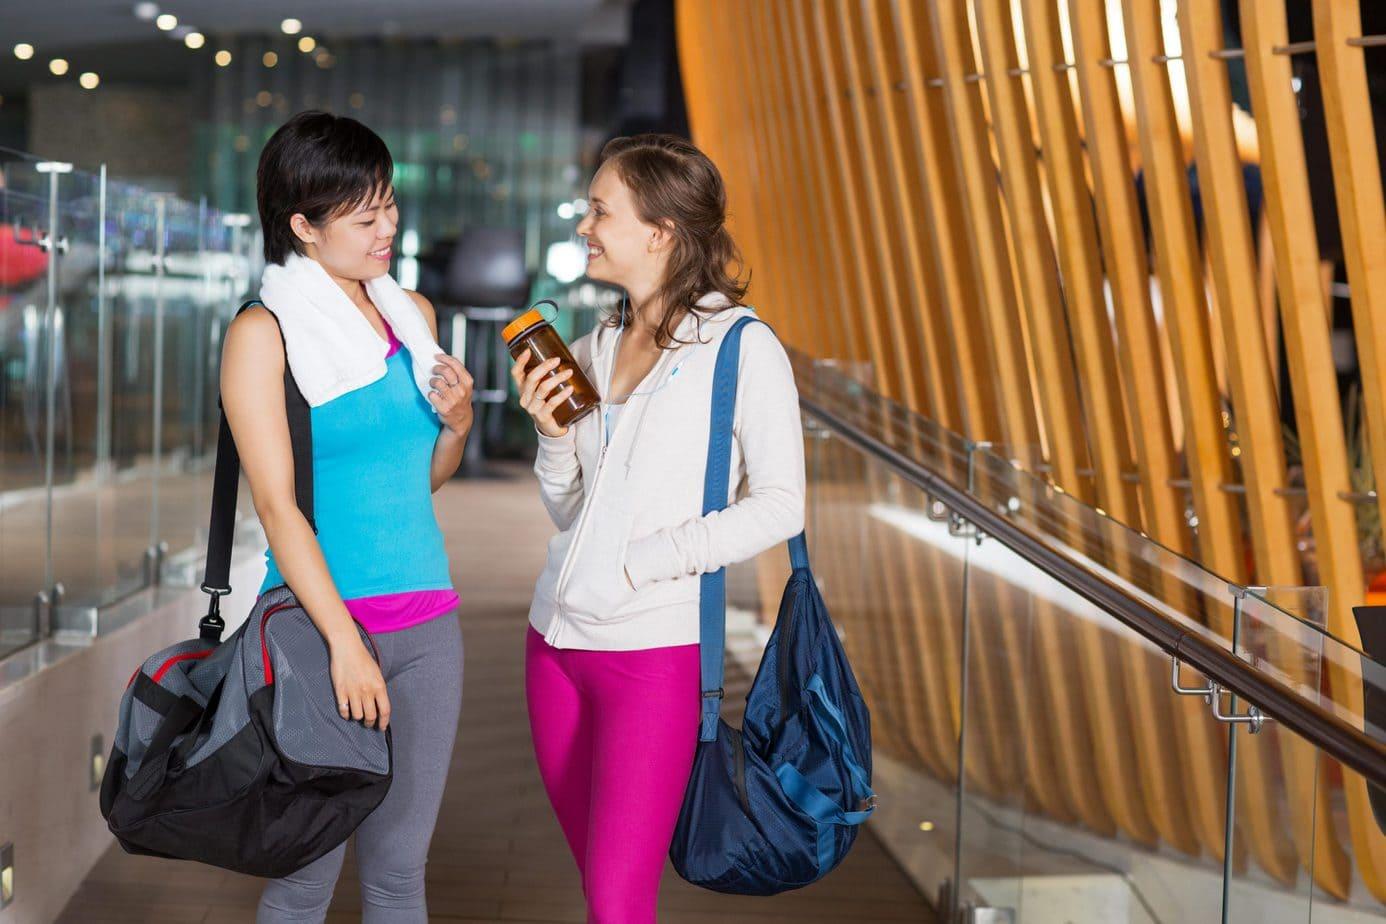 Damski strój na siłownię – co zabrać ze sobą na trening?